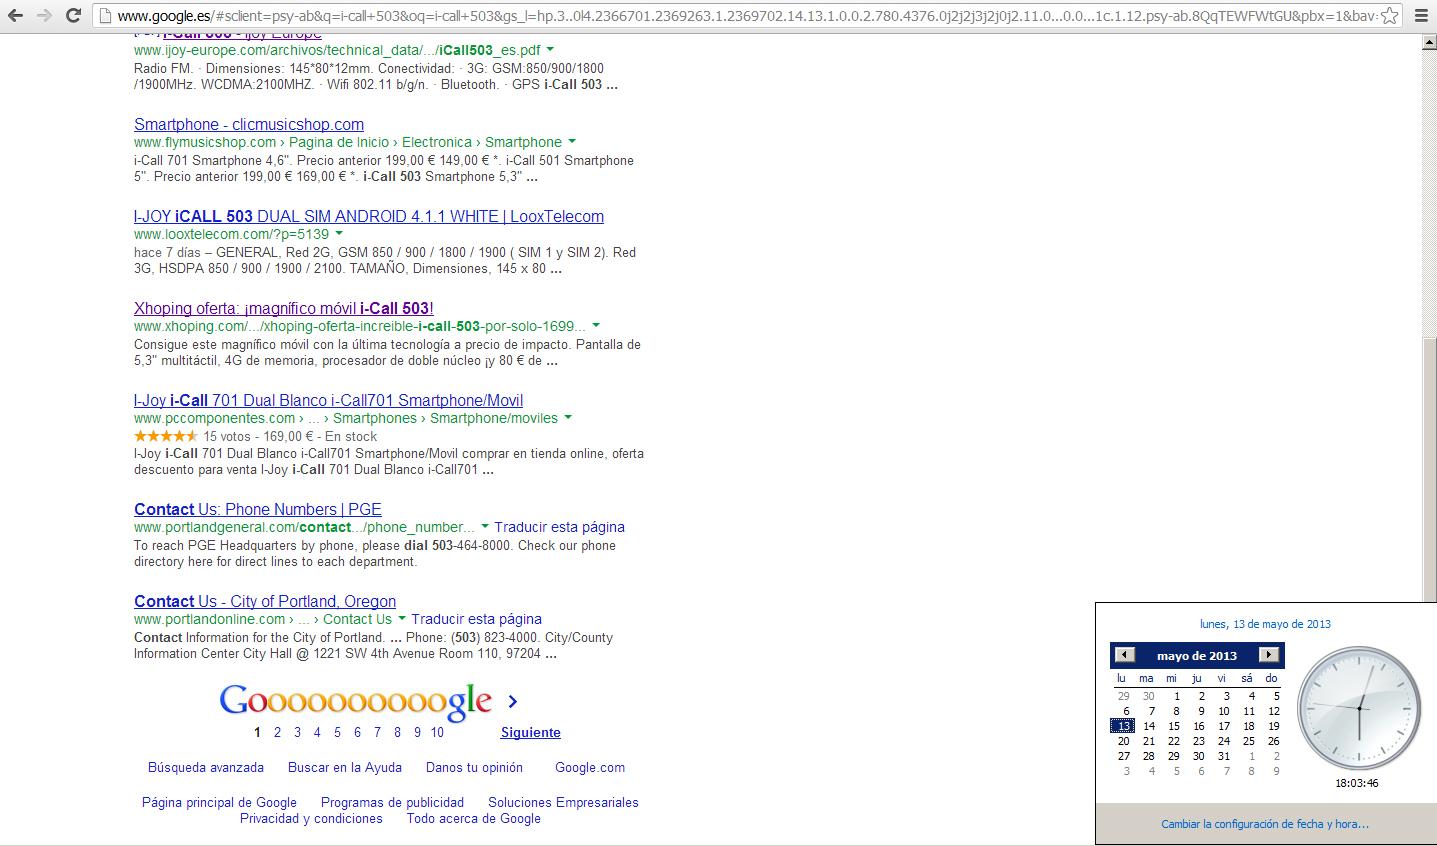 Salir en la primera página de Google por Snik Comunicación